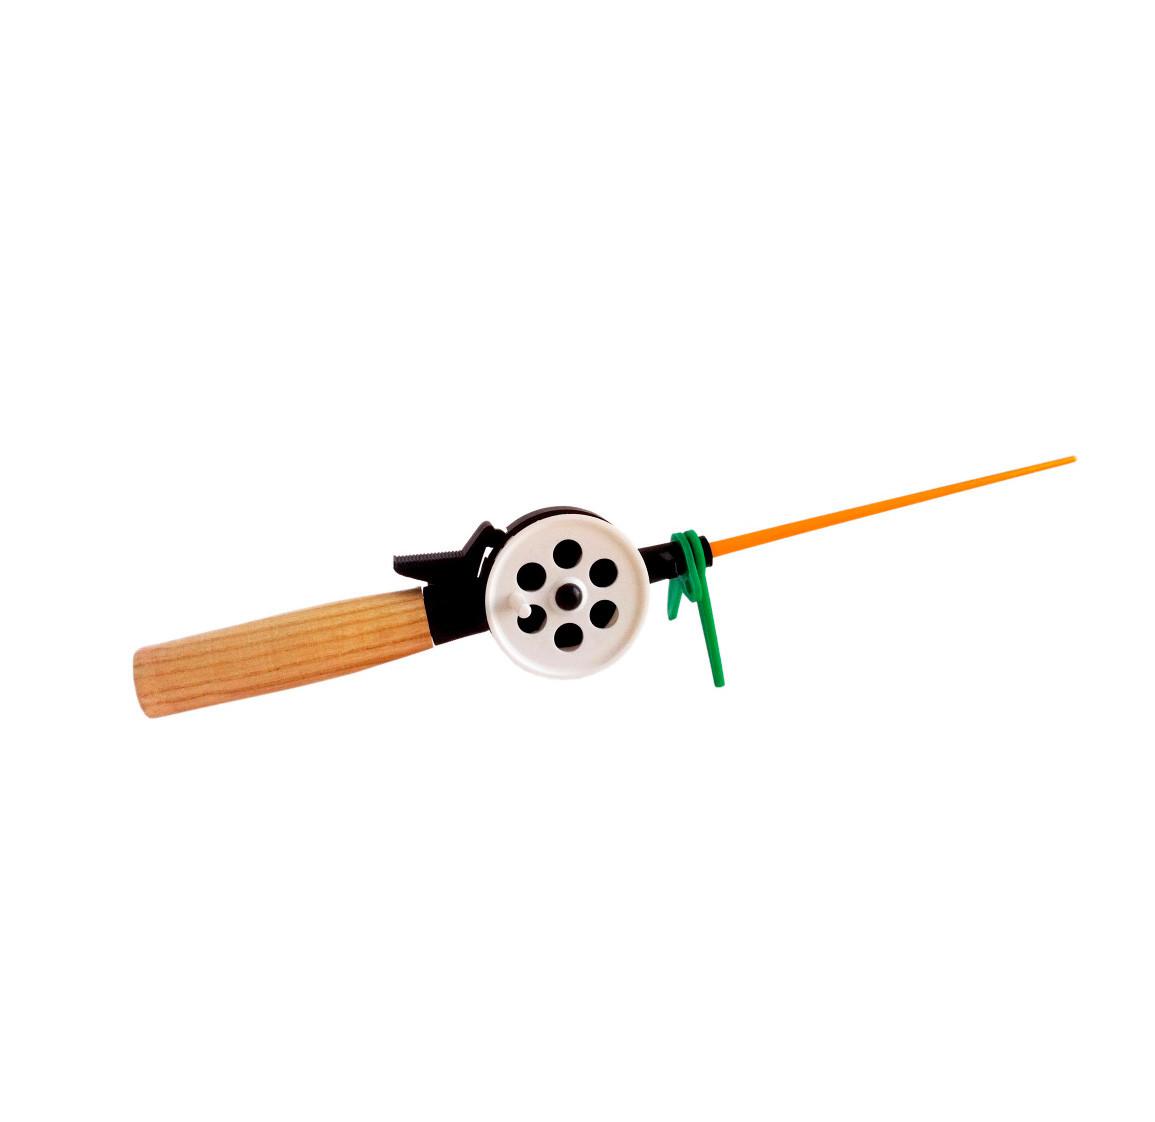 Удочка зимняя Dolpin деревянная длинная ручка